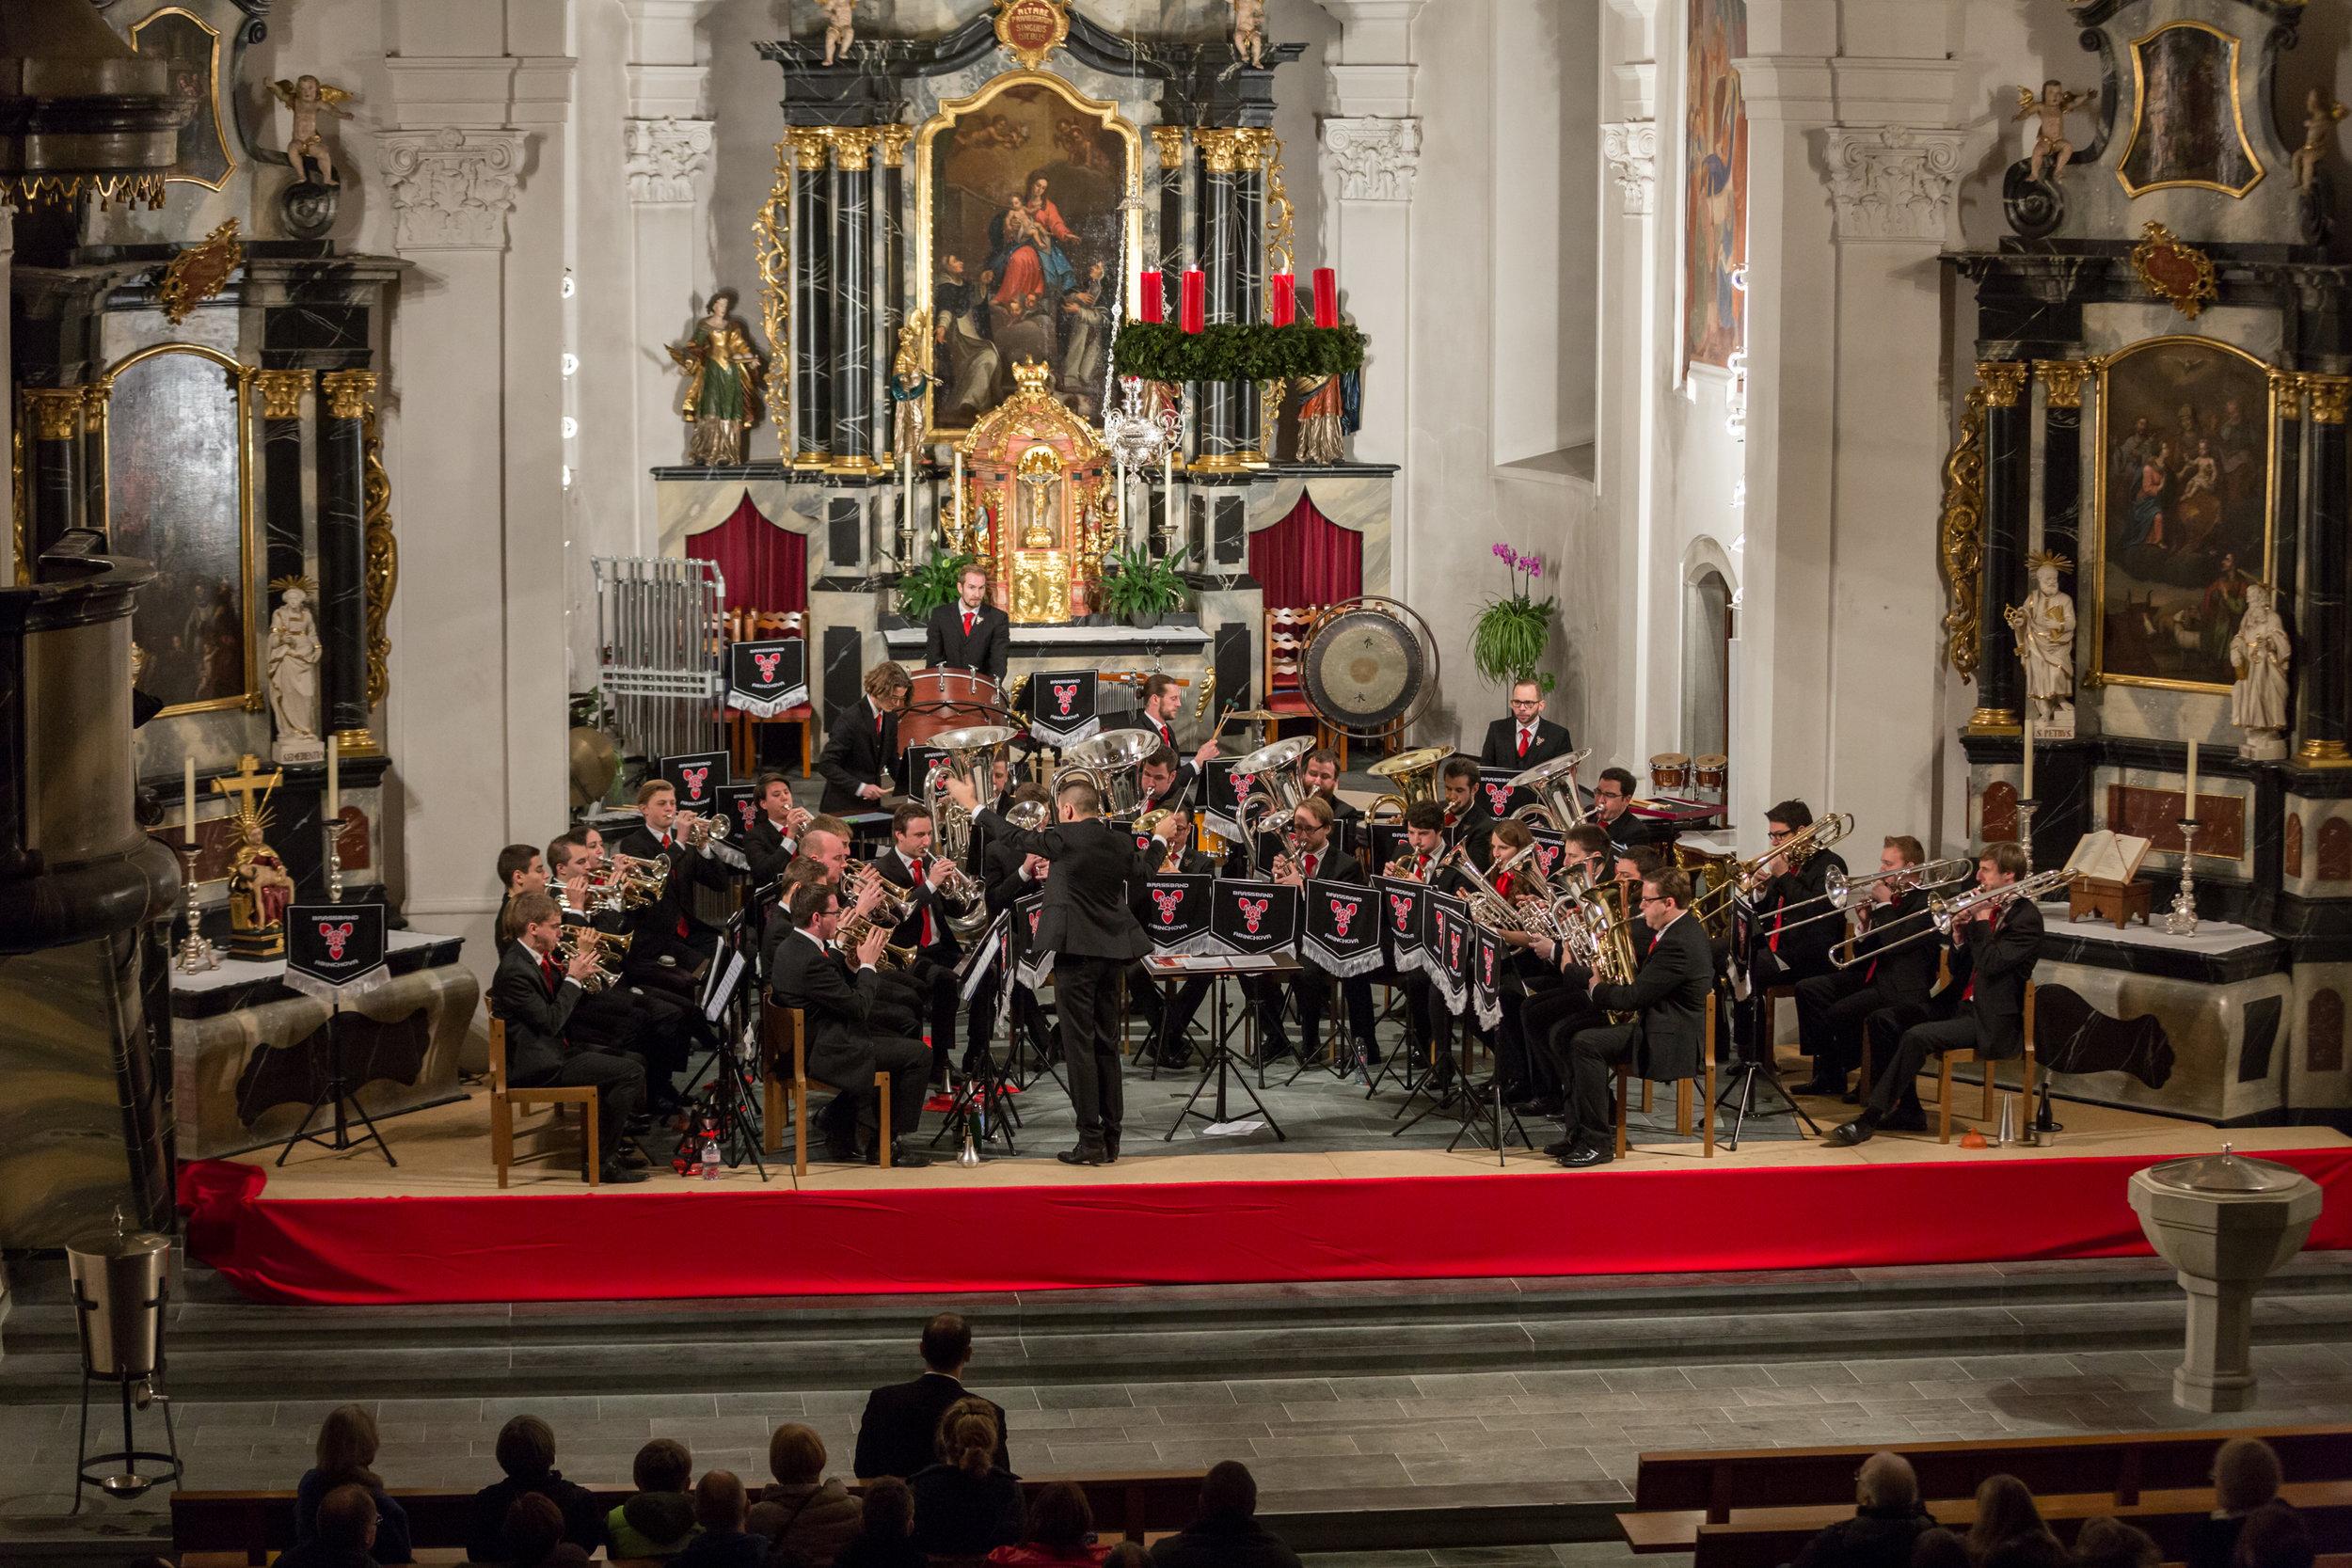 20161210_Gaudette_Konzert_Brassband_Abinchova_6.jpg